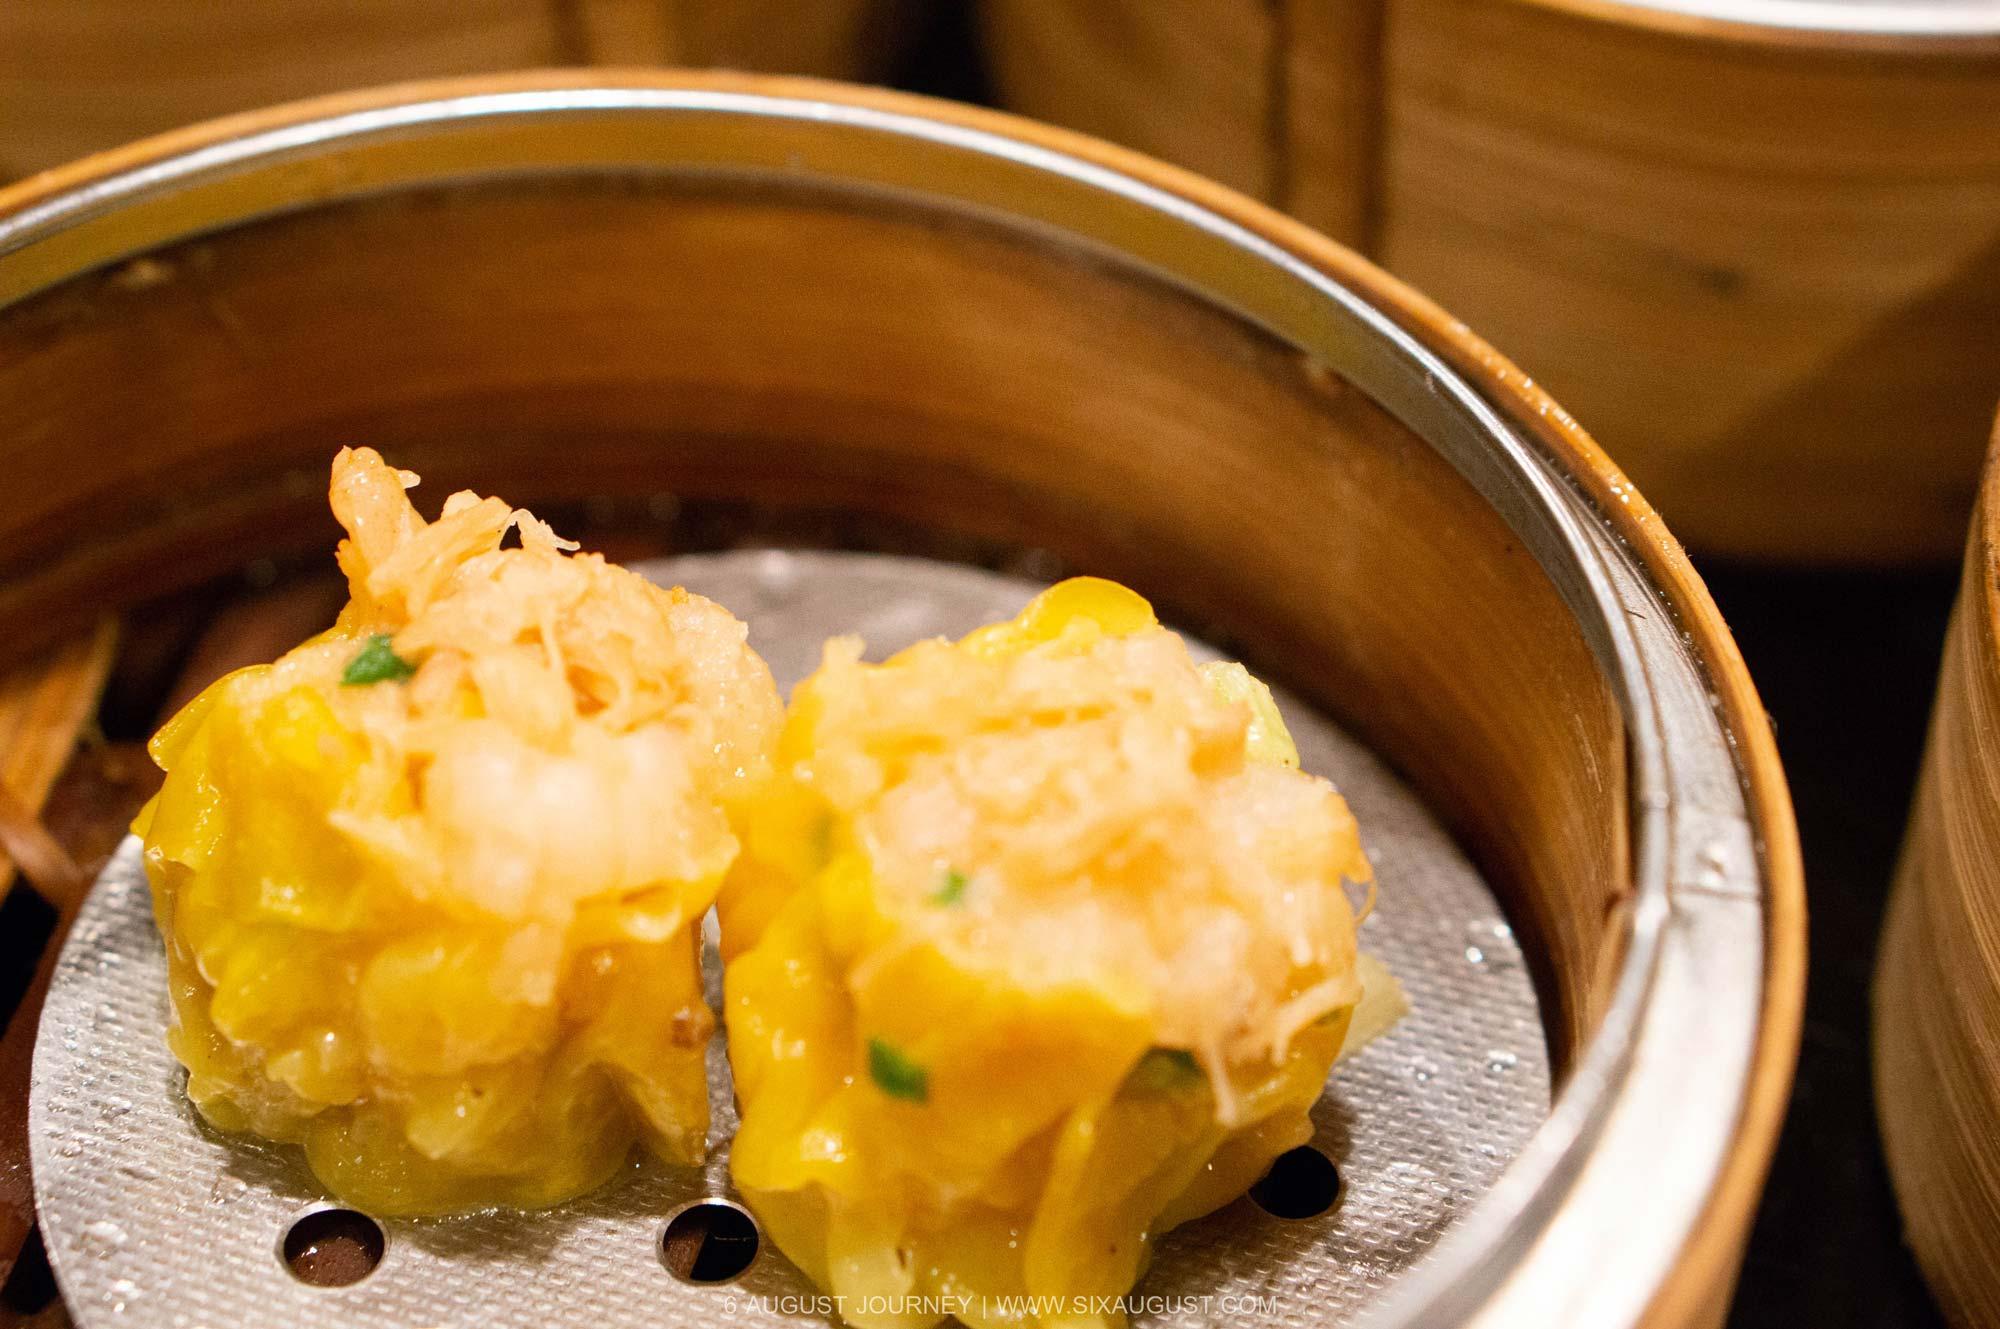 เกี๊ยวหอยเชลล์ บุฟเฟ่ต์ติ่มซํา โรงแรมเอเชีย